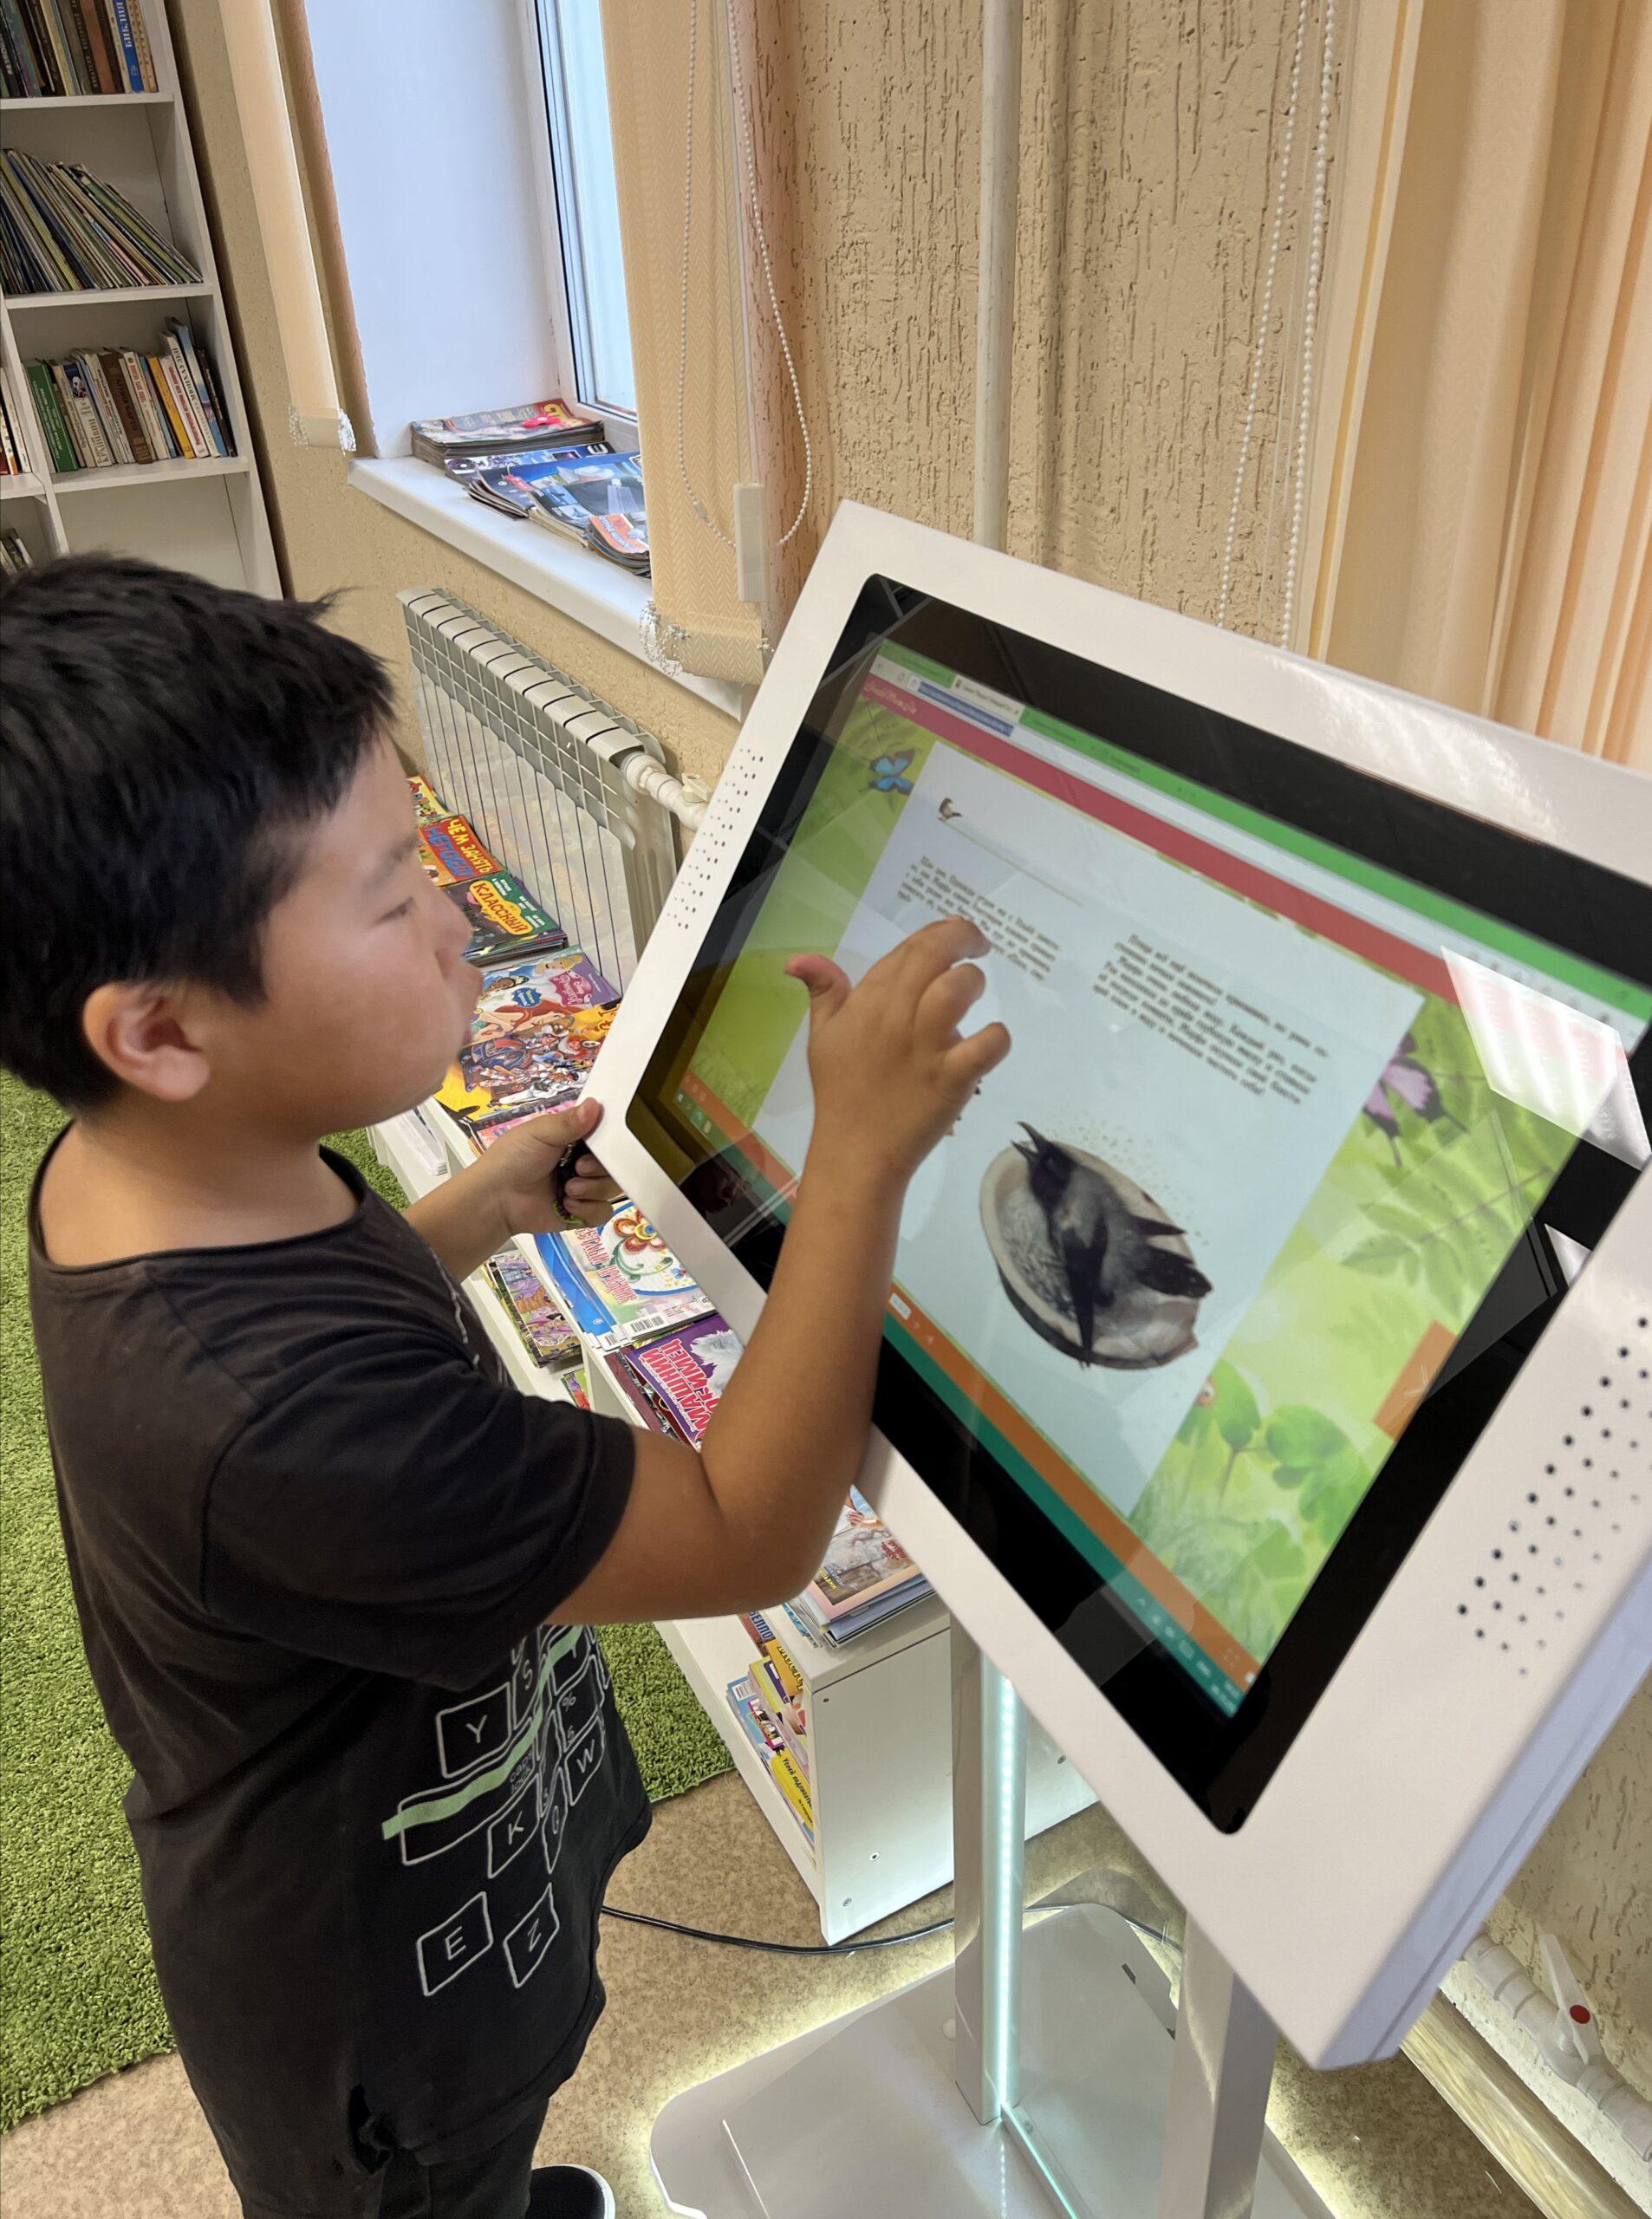 Модельную детскую библиотеку открыли в якутском селе Оленек